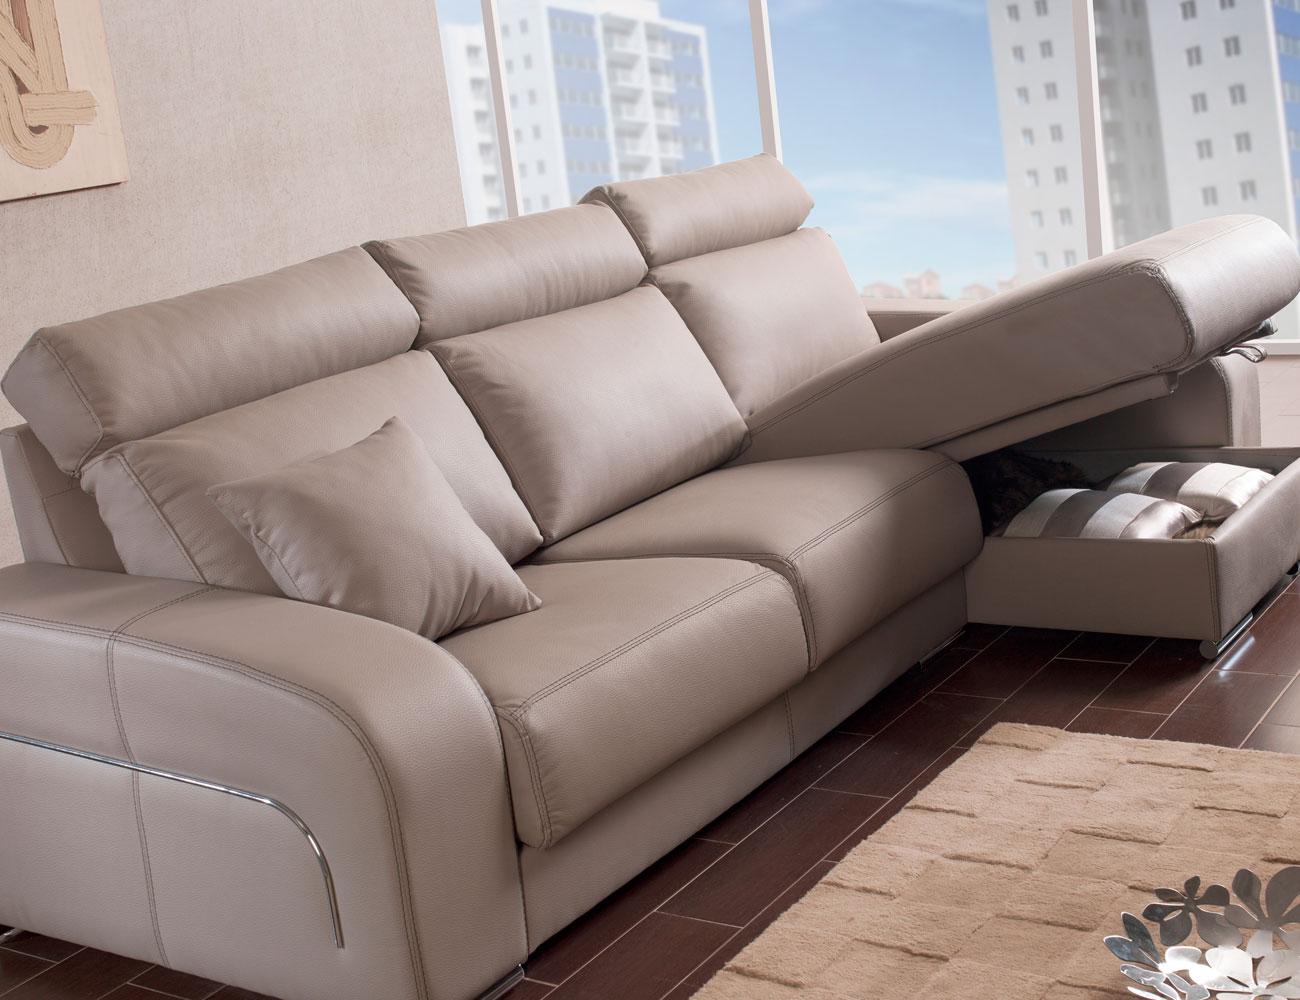 Sofa chaiselongue moderno pared cero arcon55